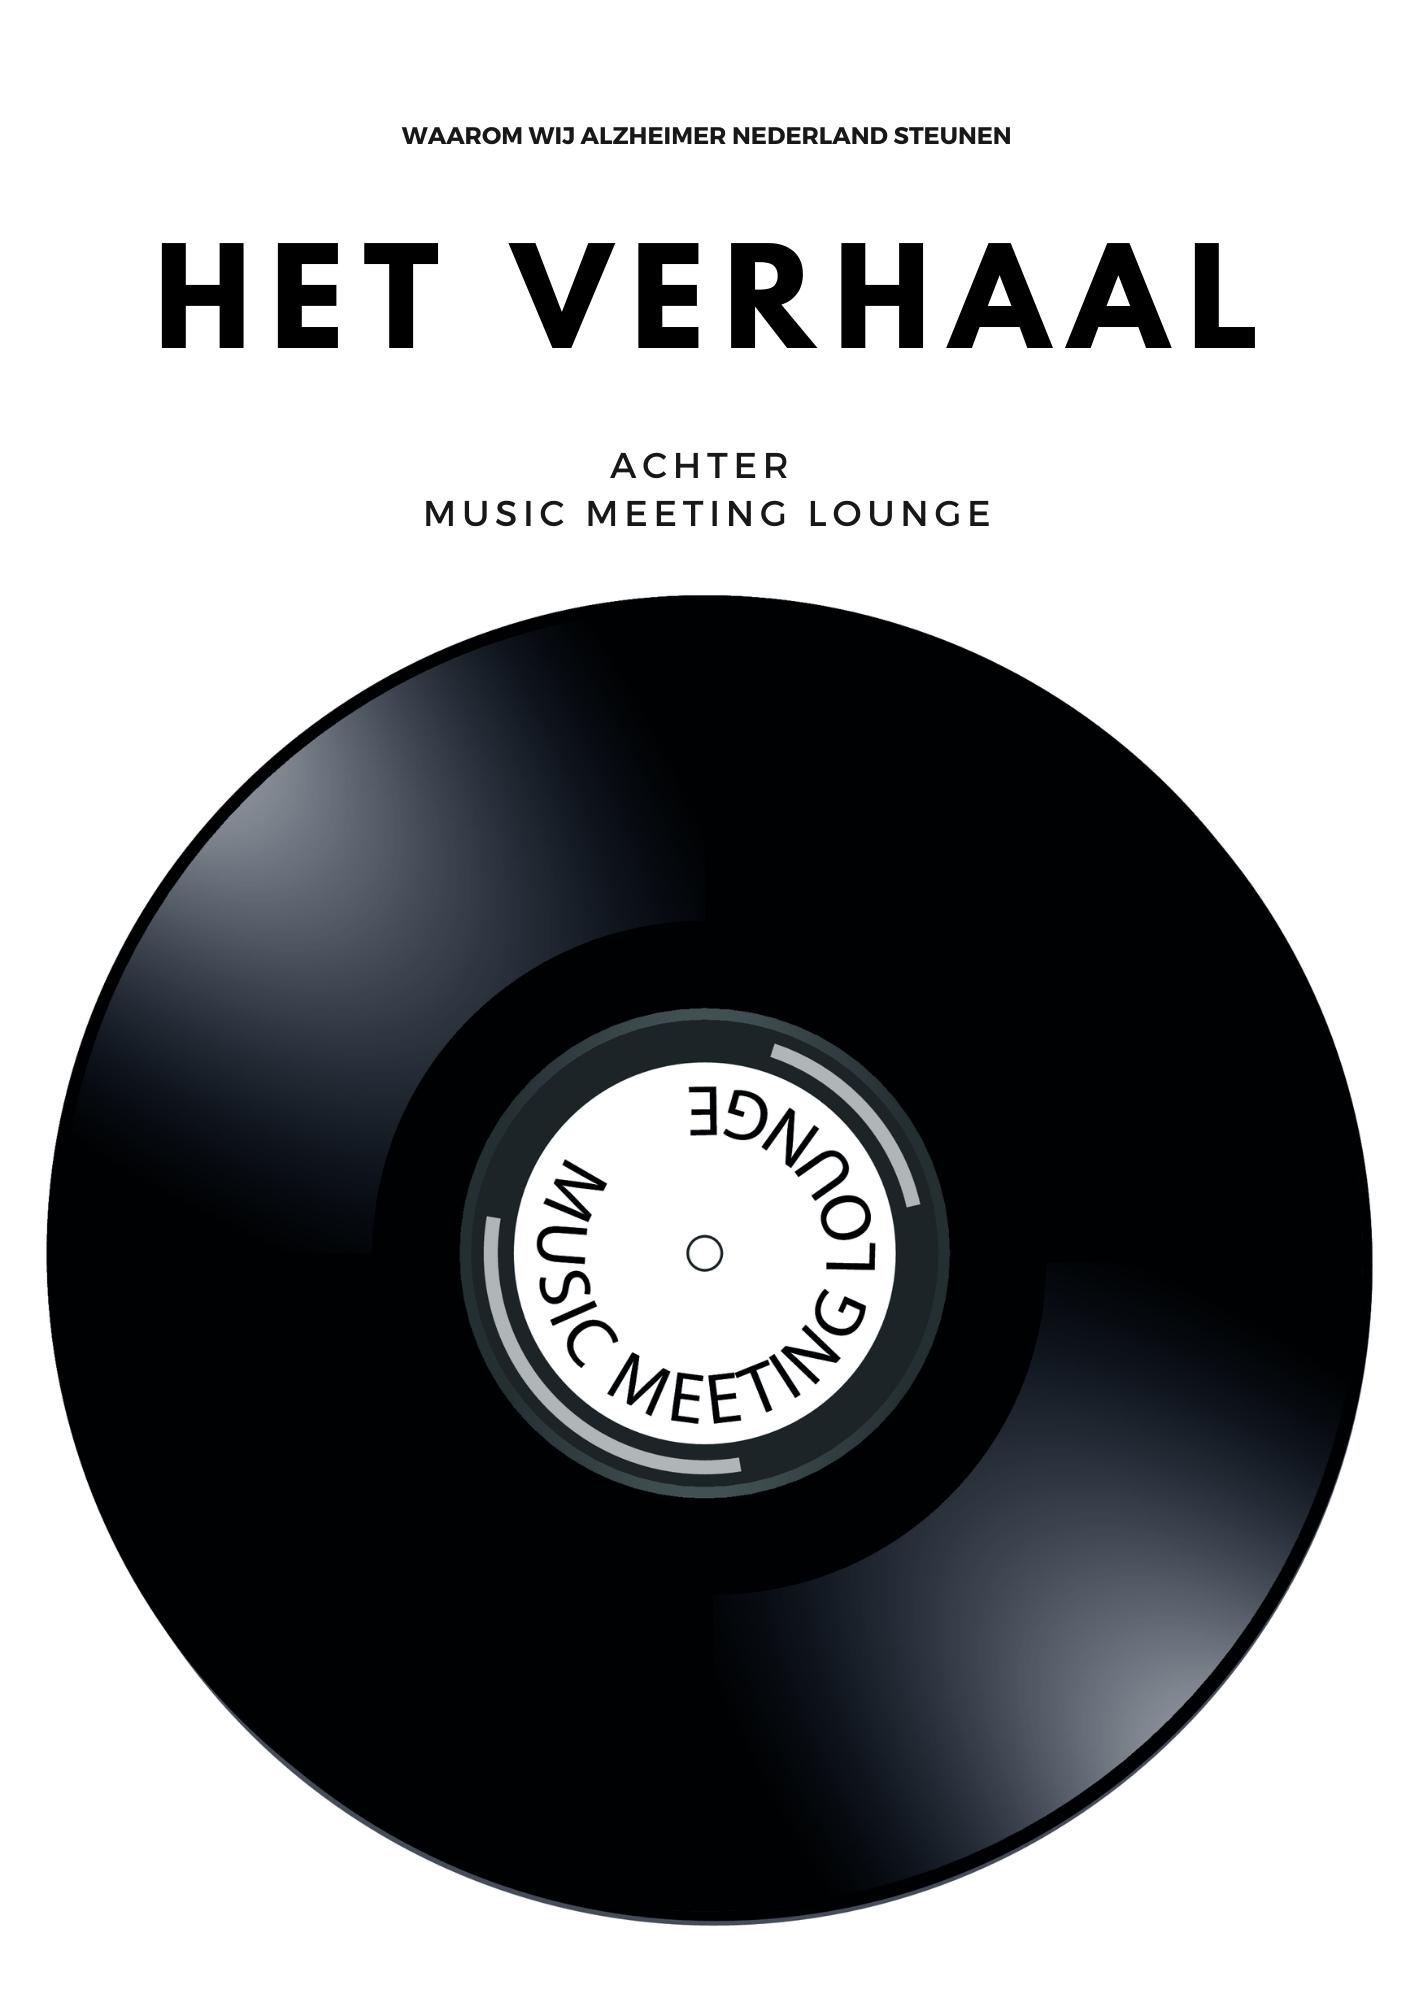 Het verhaal achter Music Meeting Lounge - Waarom wij Alzheimer Nederland steunen